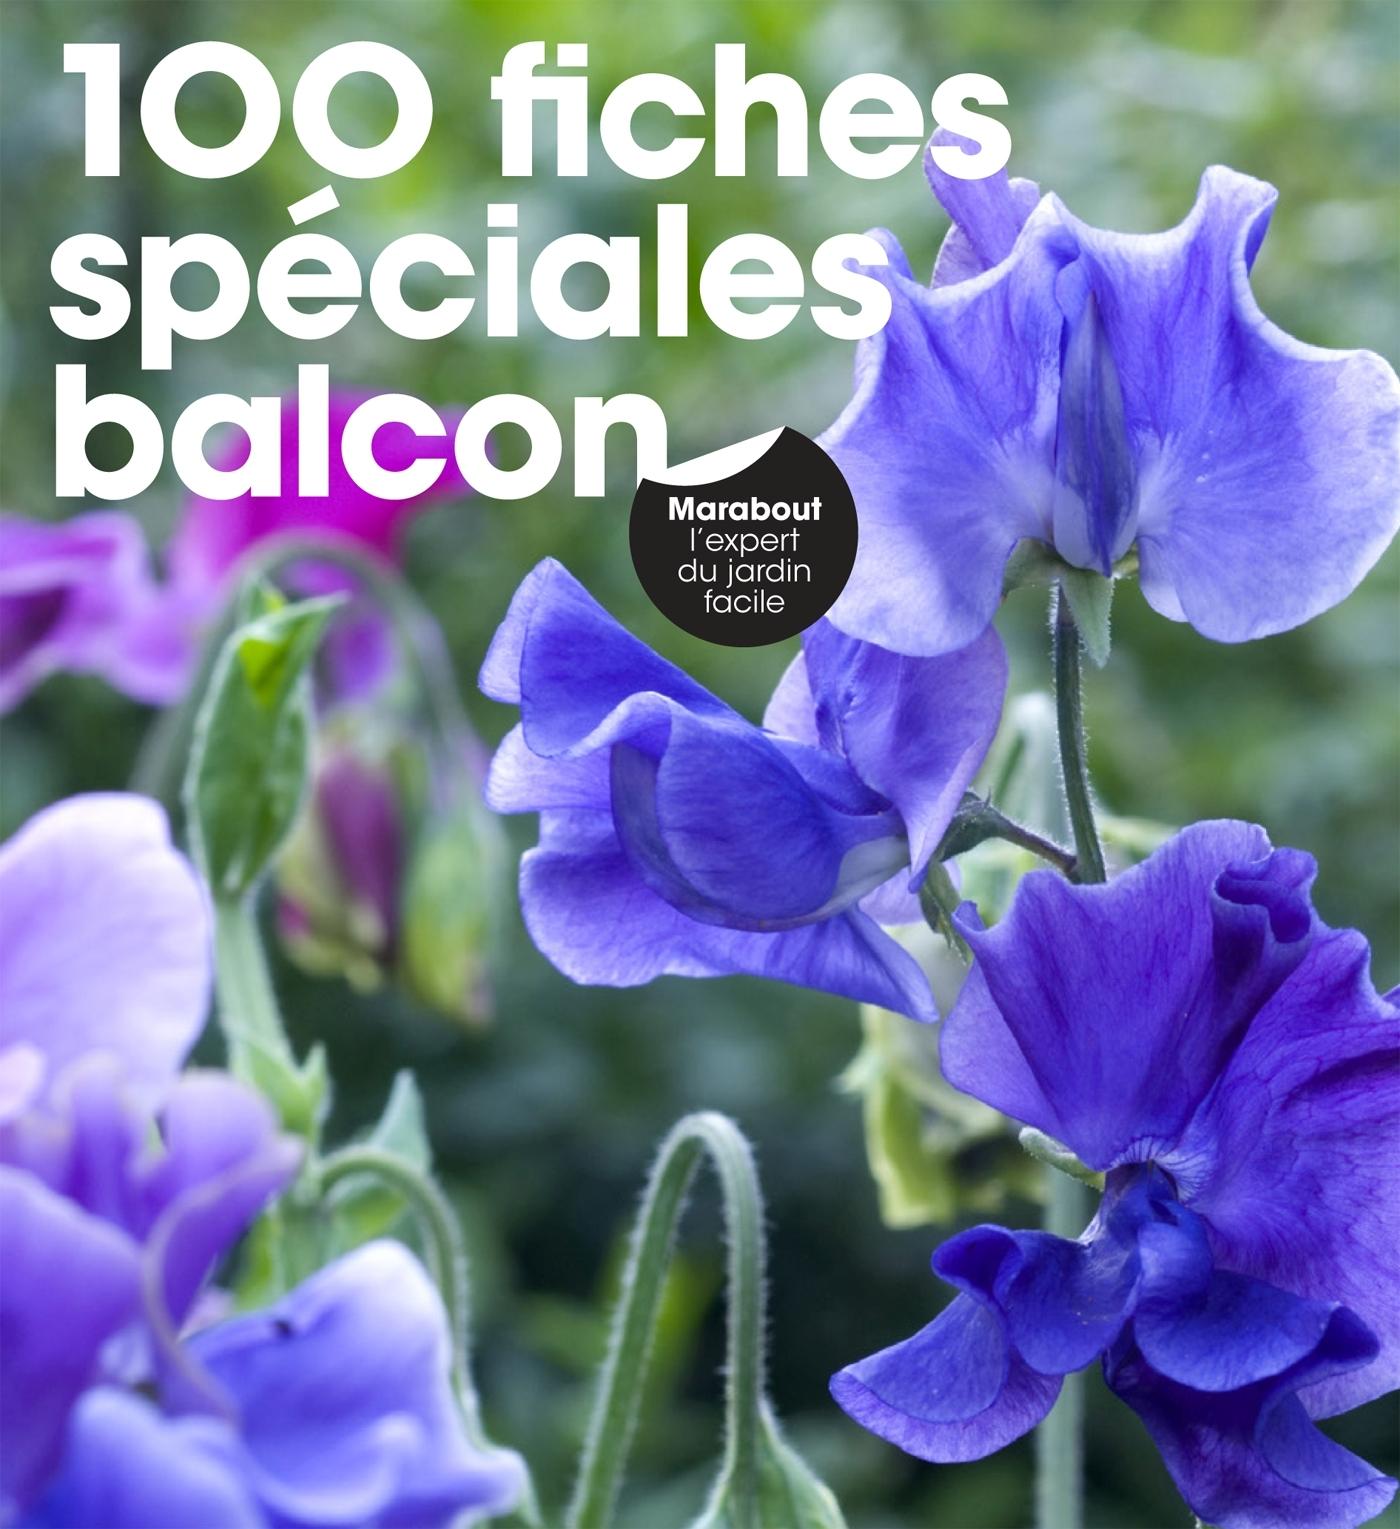 100 FICHES SPECIALES BALCON